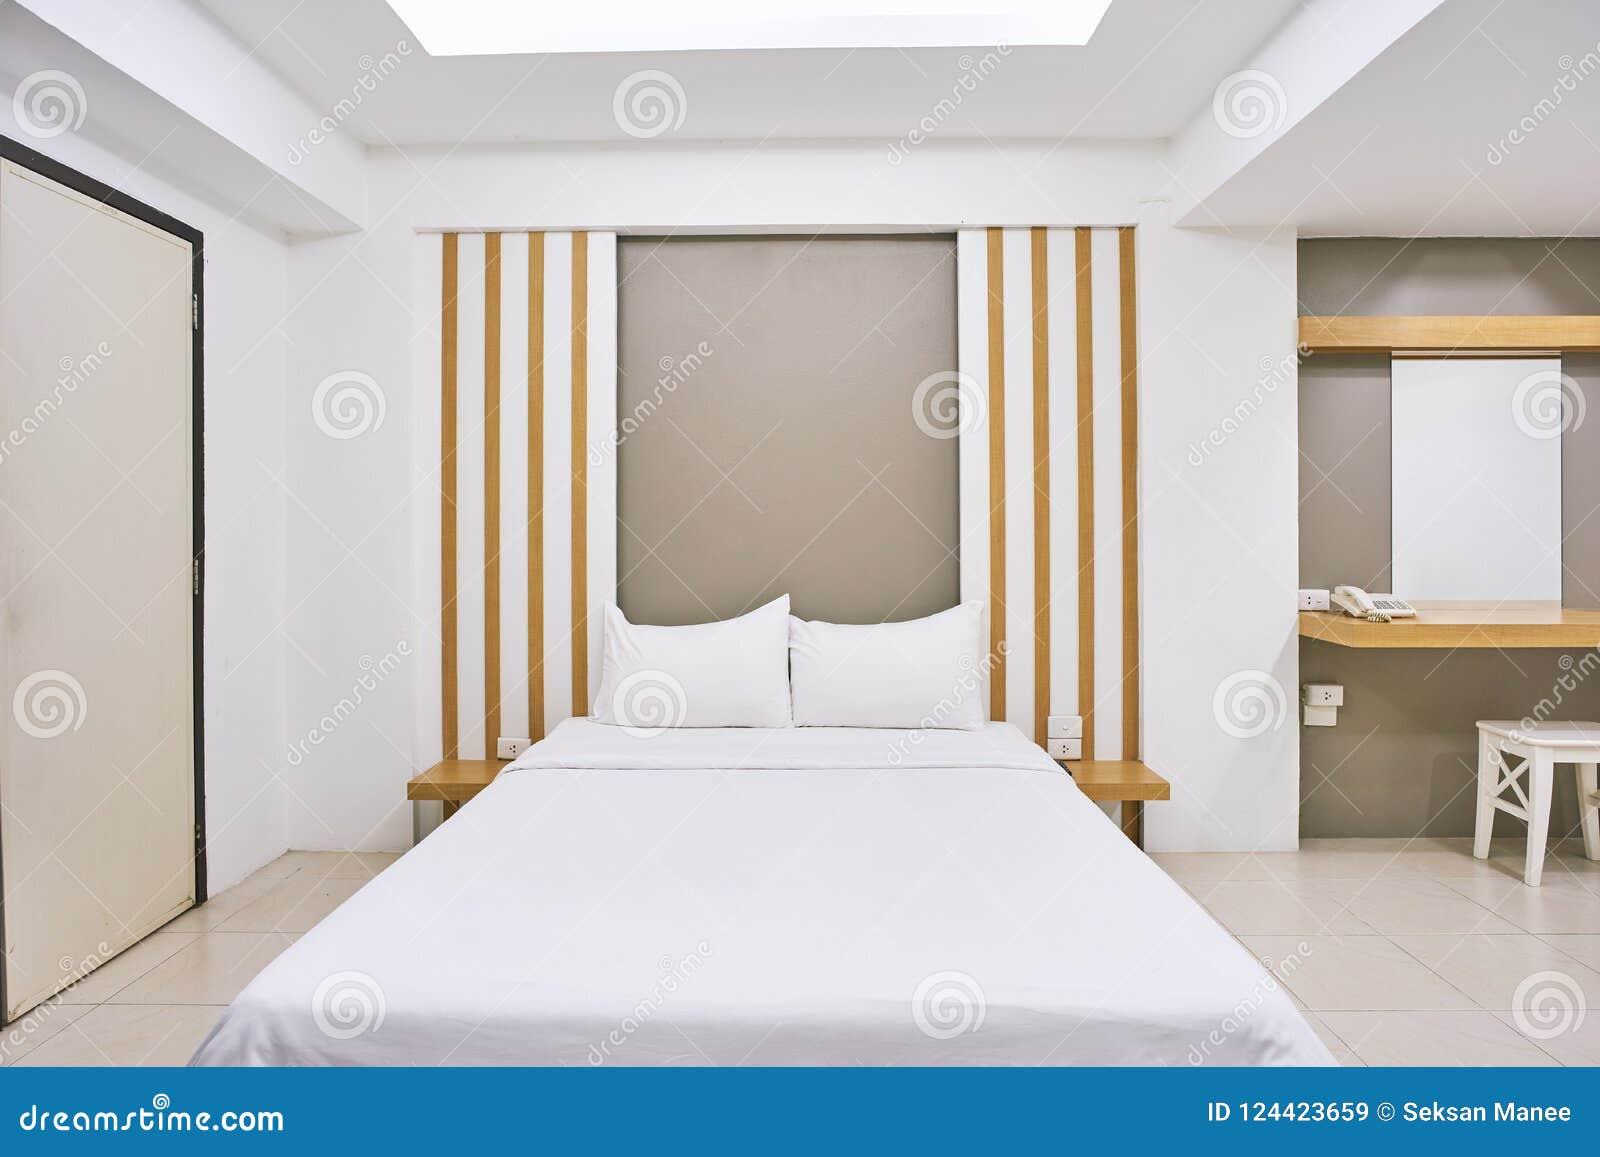 Moquerie De Décoration Intérieure De Chambre à Coucher Pour L ...